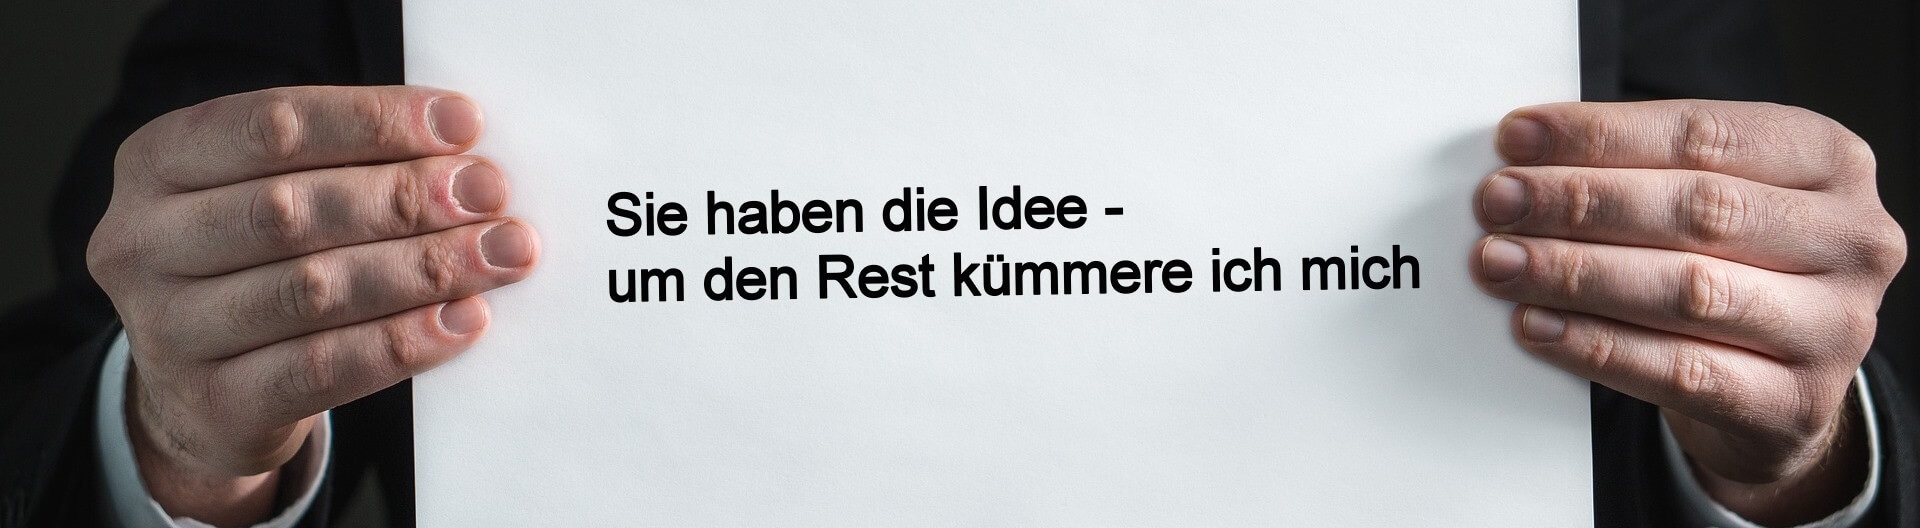 Webdesign Buxtehude Start